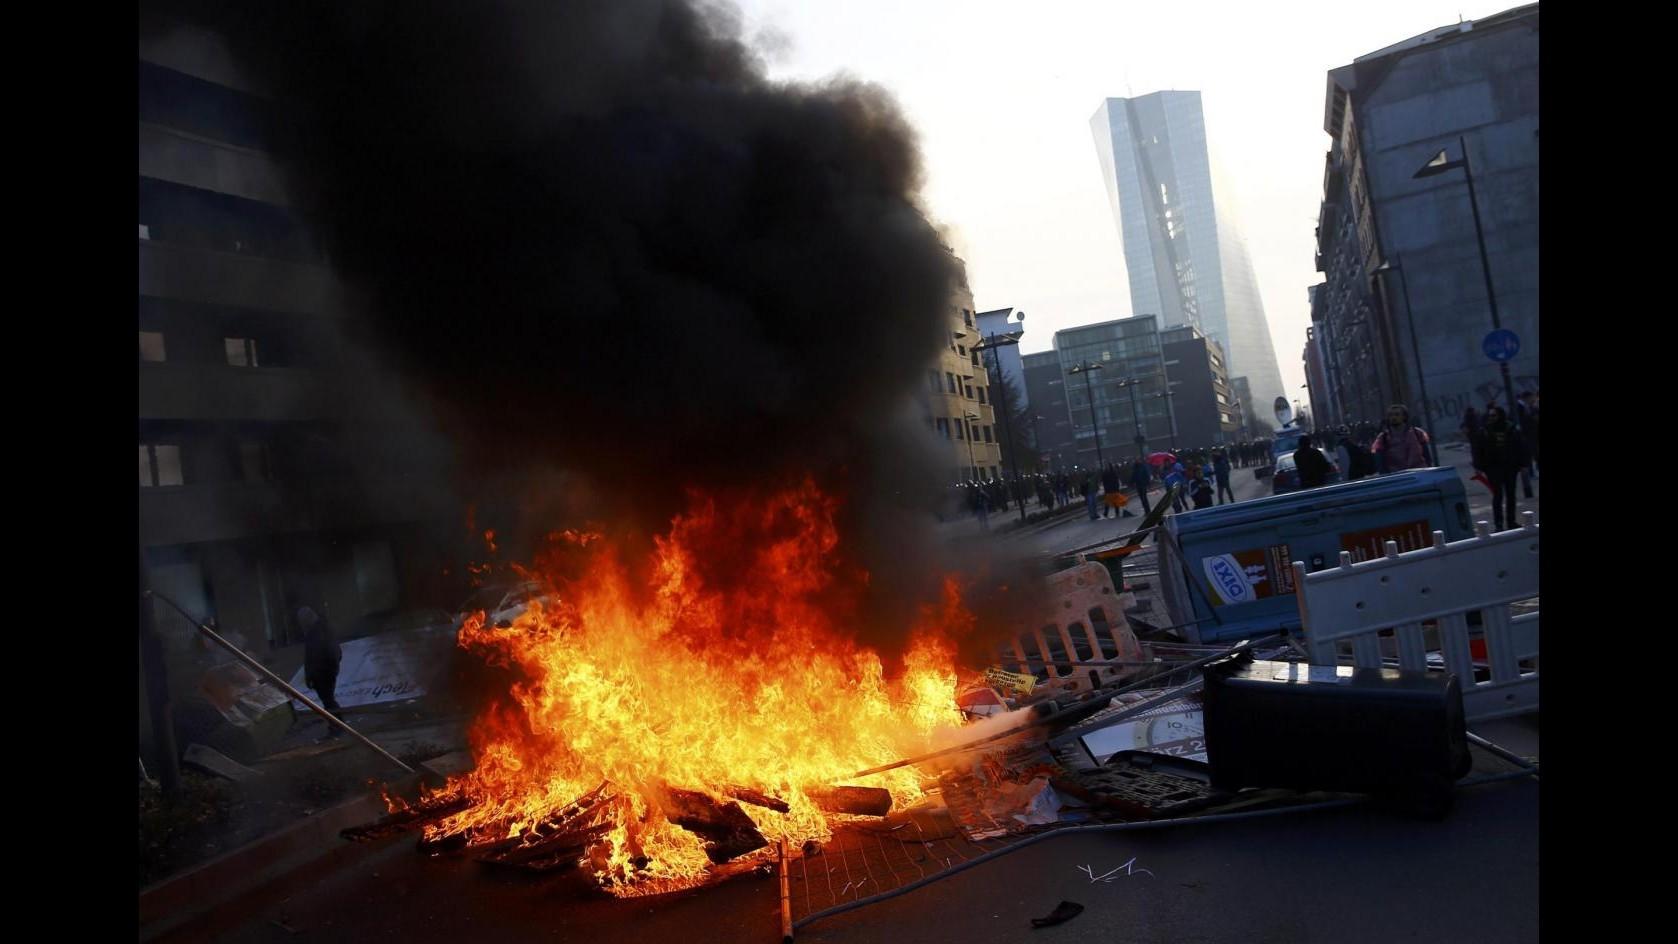 Nuova sede Bce, scontri in protesta Blockupy a Francoforte: 2 feriti